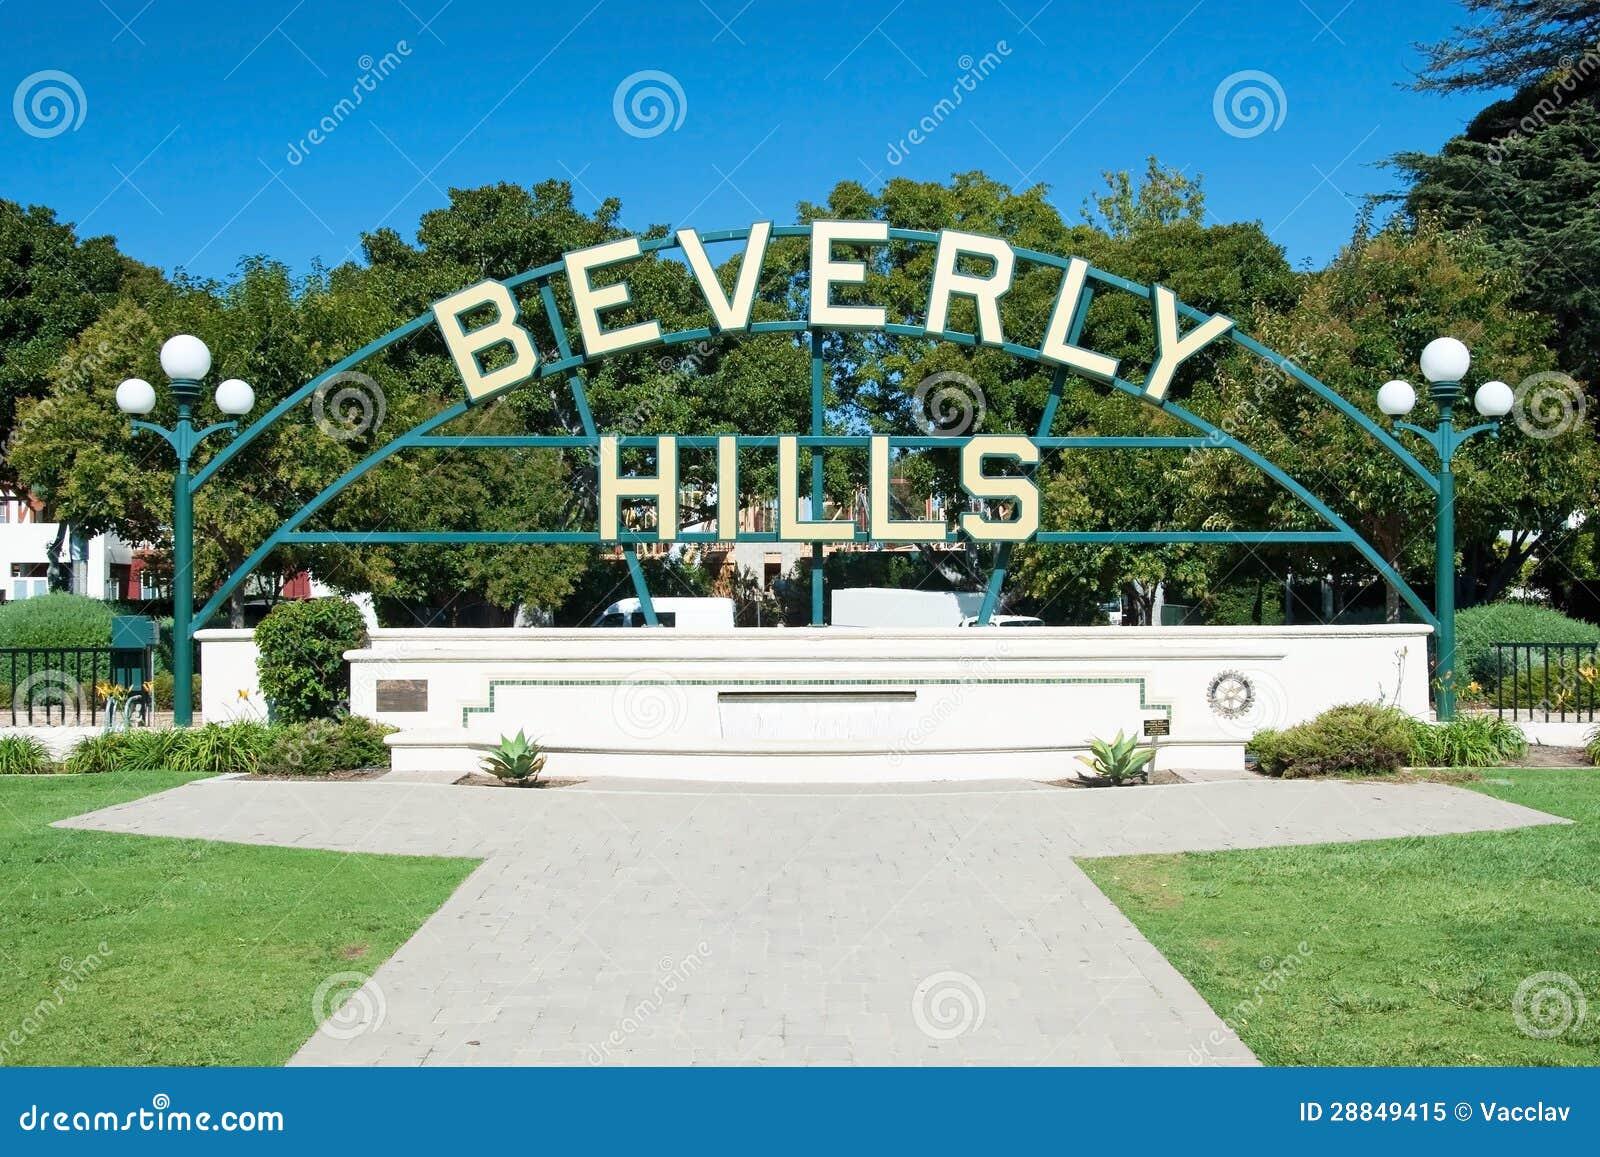 贝弗莉山庄签到洛杉矶公园